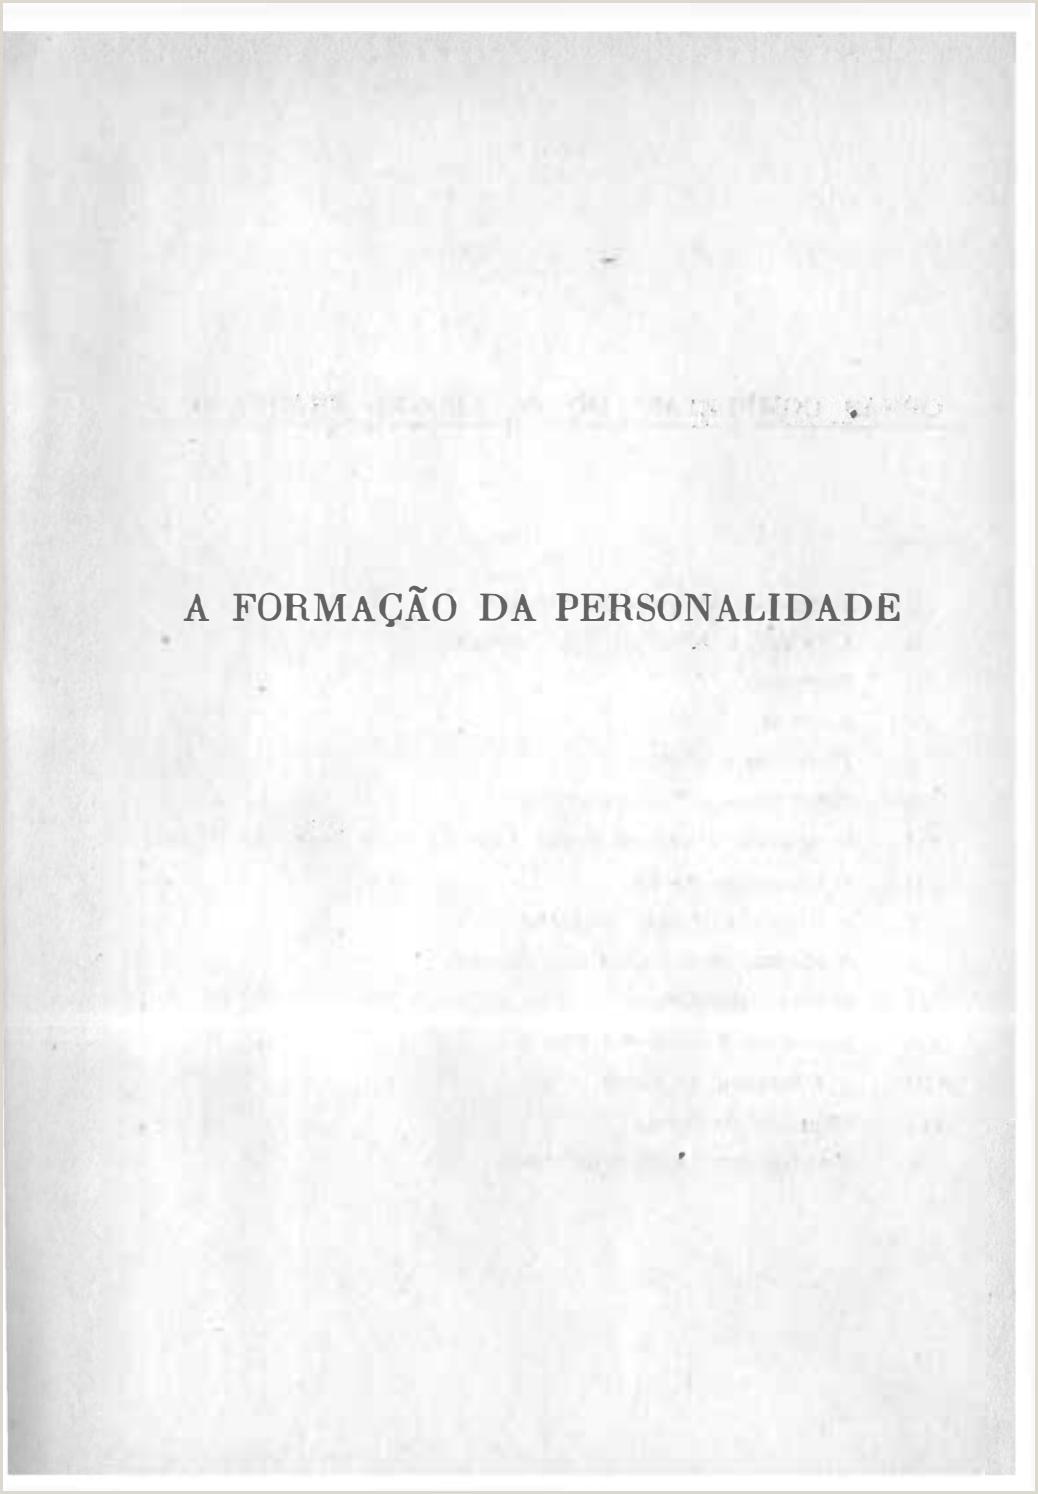 Curriculum Simples Para Imprimir E Preencher A forma§£o Da Personalidade Pe Leonel Franca by Lucas